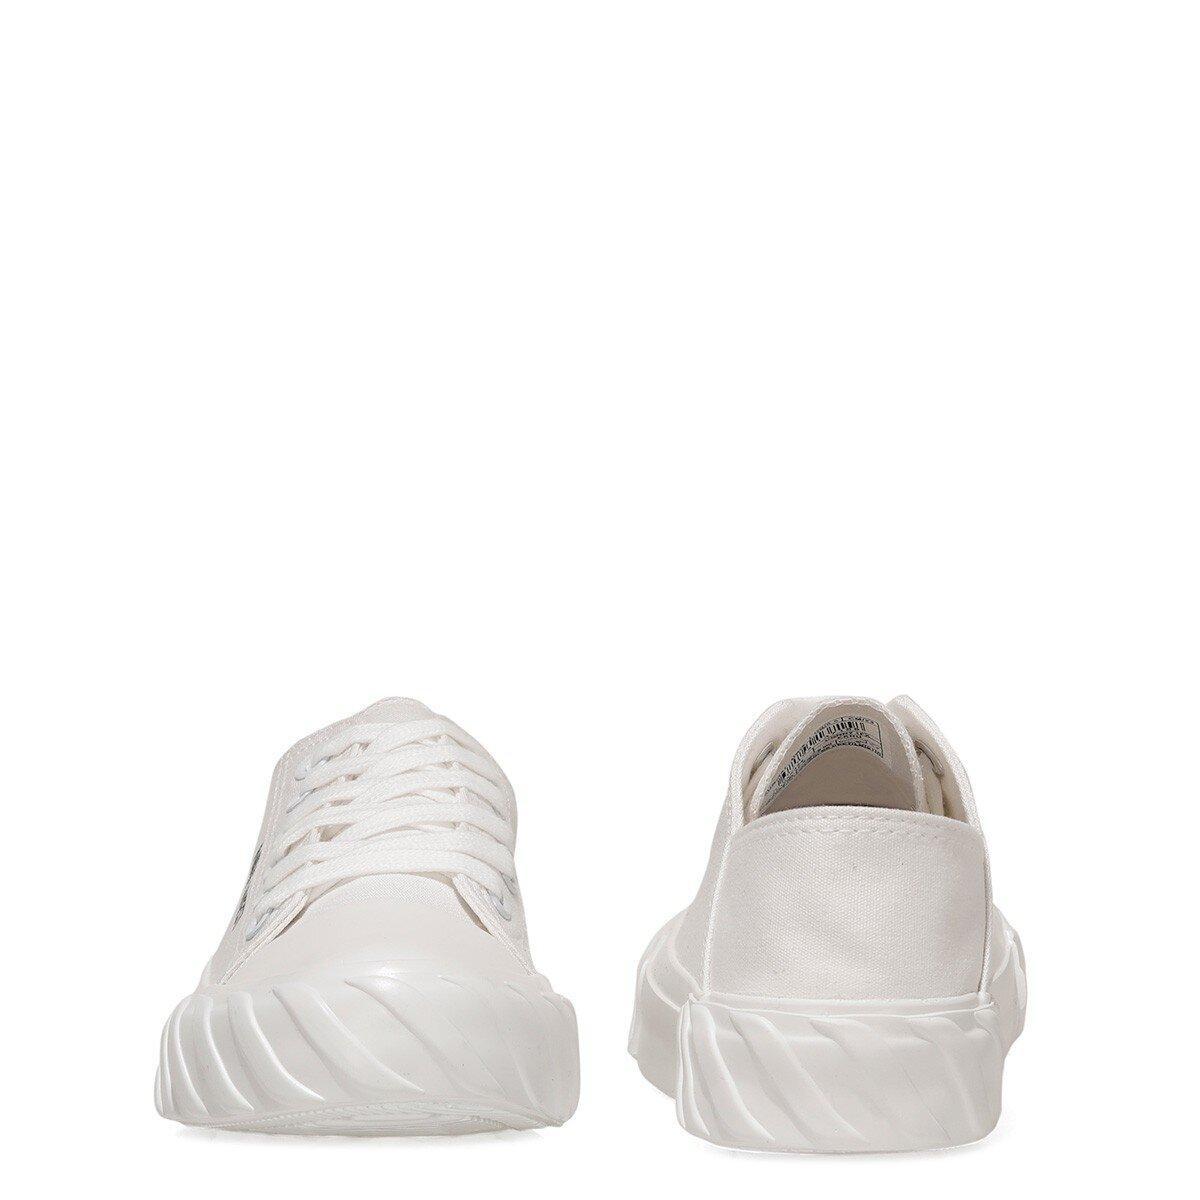 CONNY 1FX Ekru Kadın Spor Ayakkabı